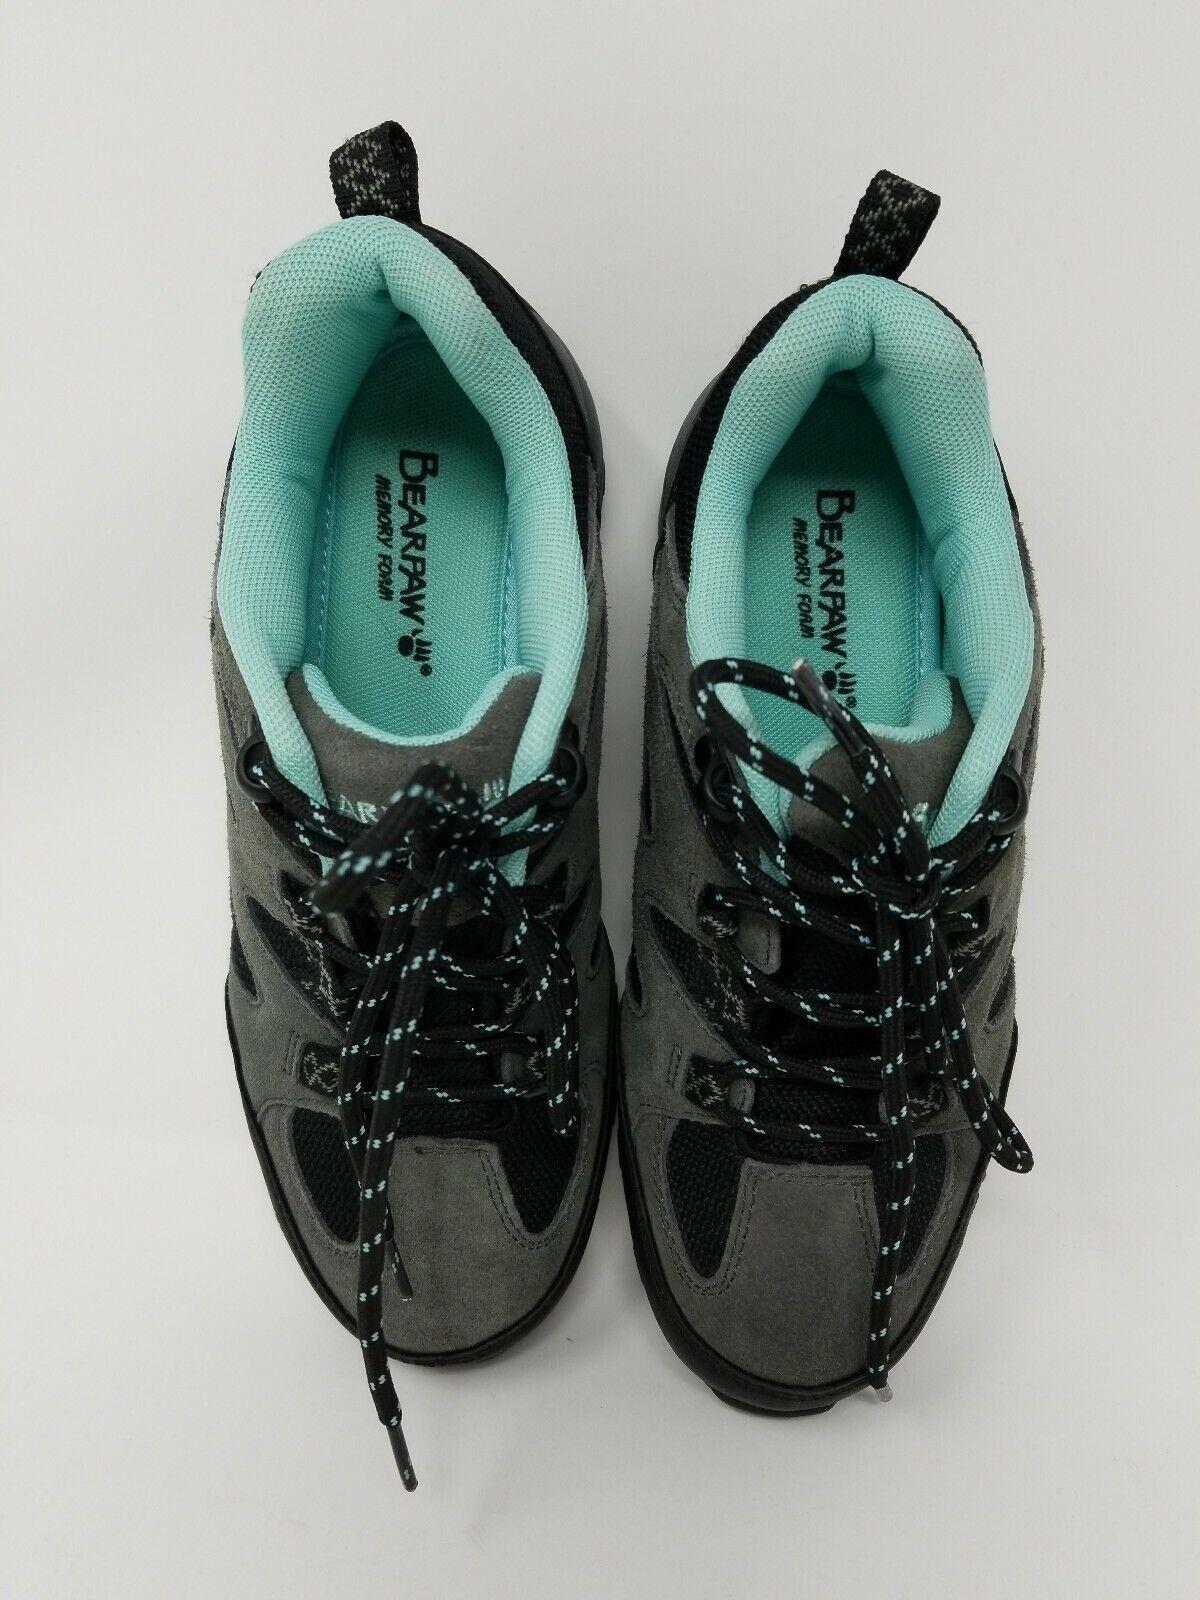 Bearpaw Women's Rhoda low Hiking Boot - Charcoal - Size  6